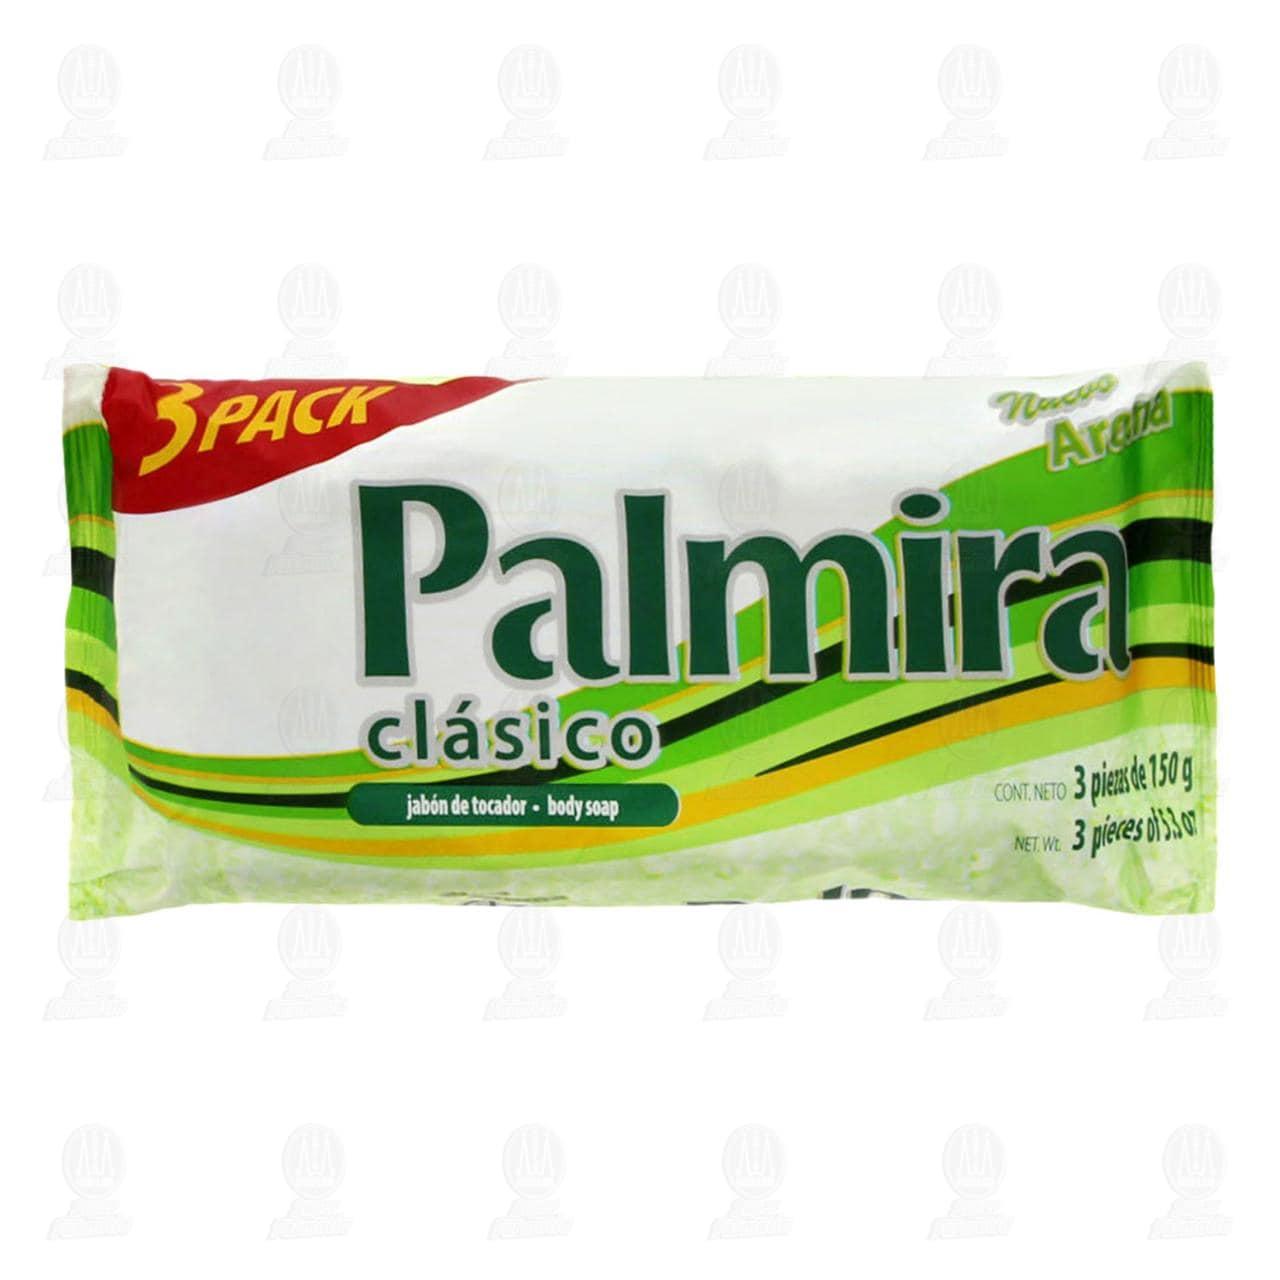 Pack de Jabón Palmira Clásico de Tocador, 3 pzas de 150 gr c/u.